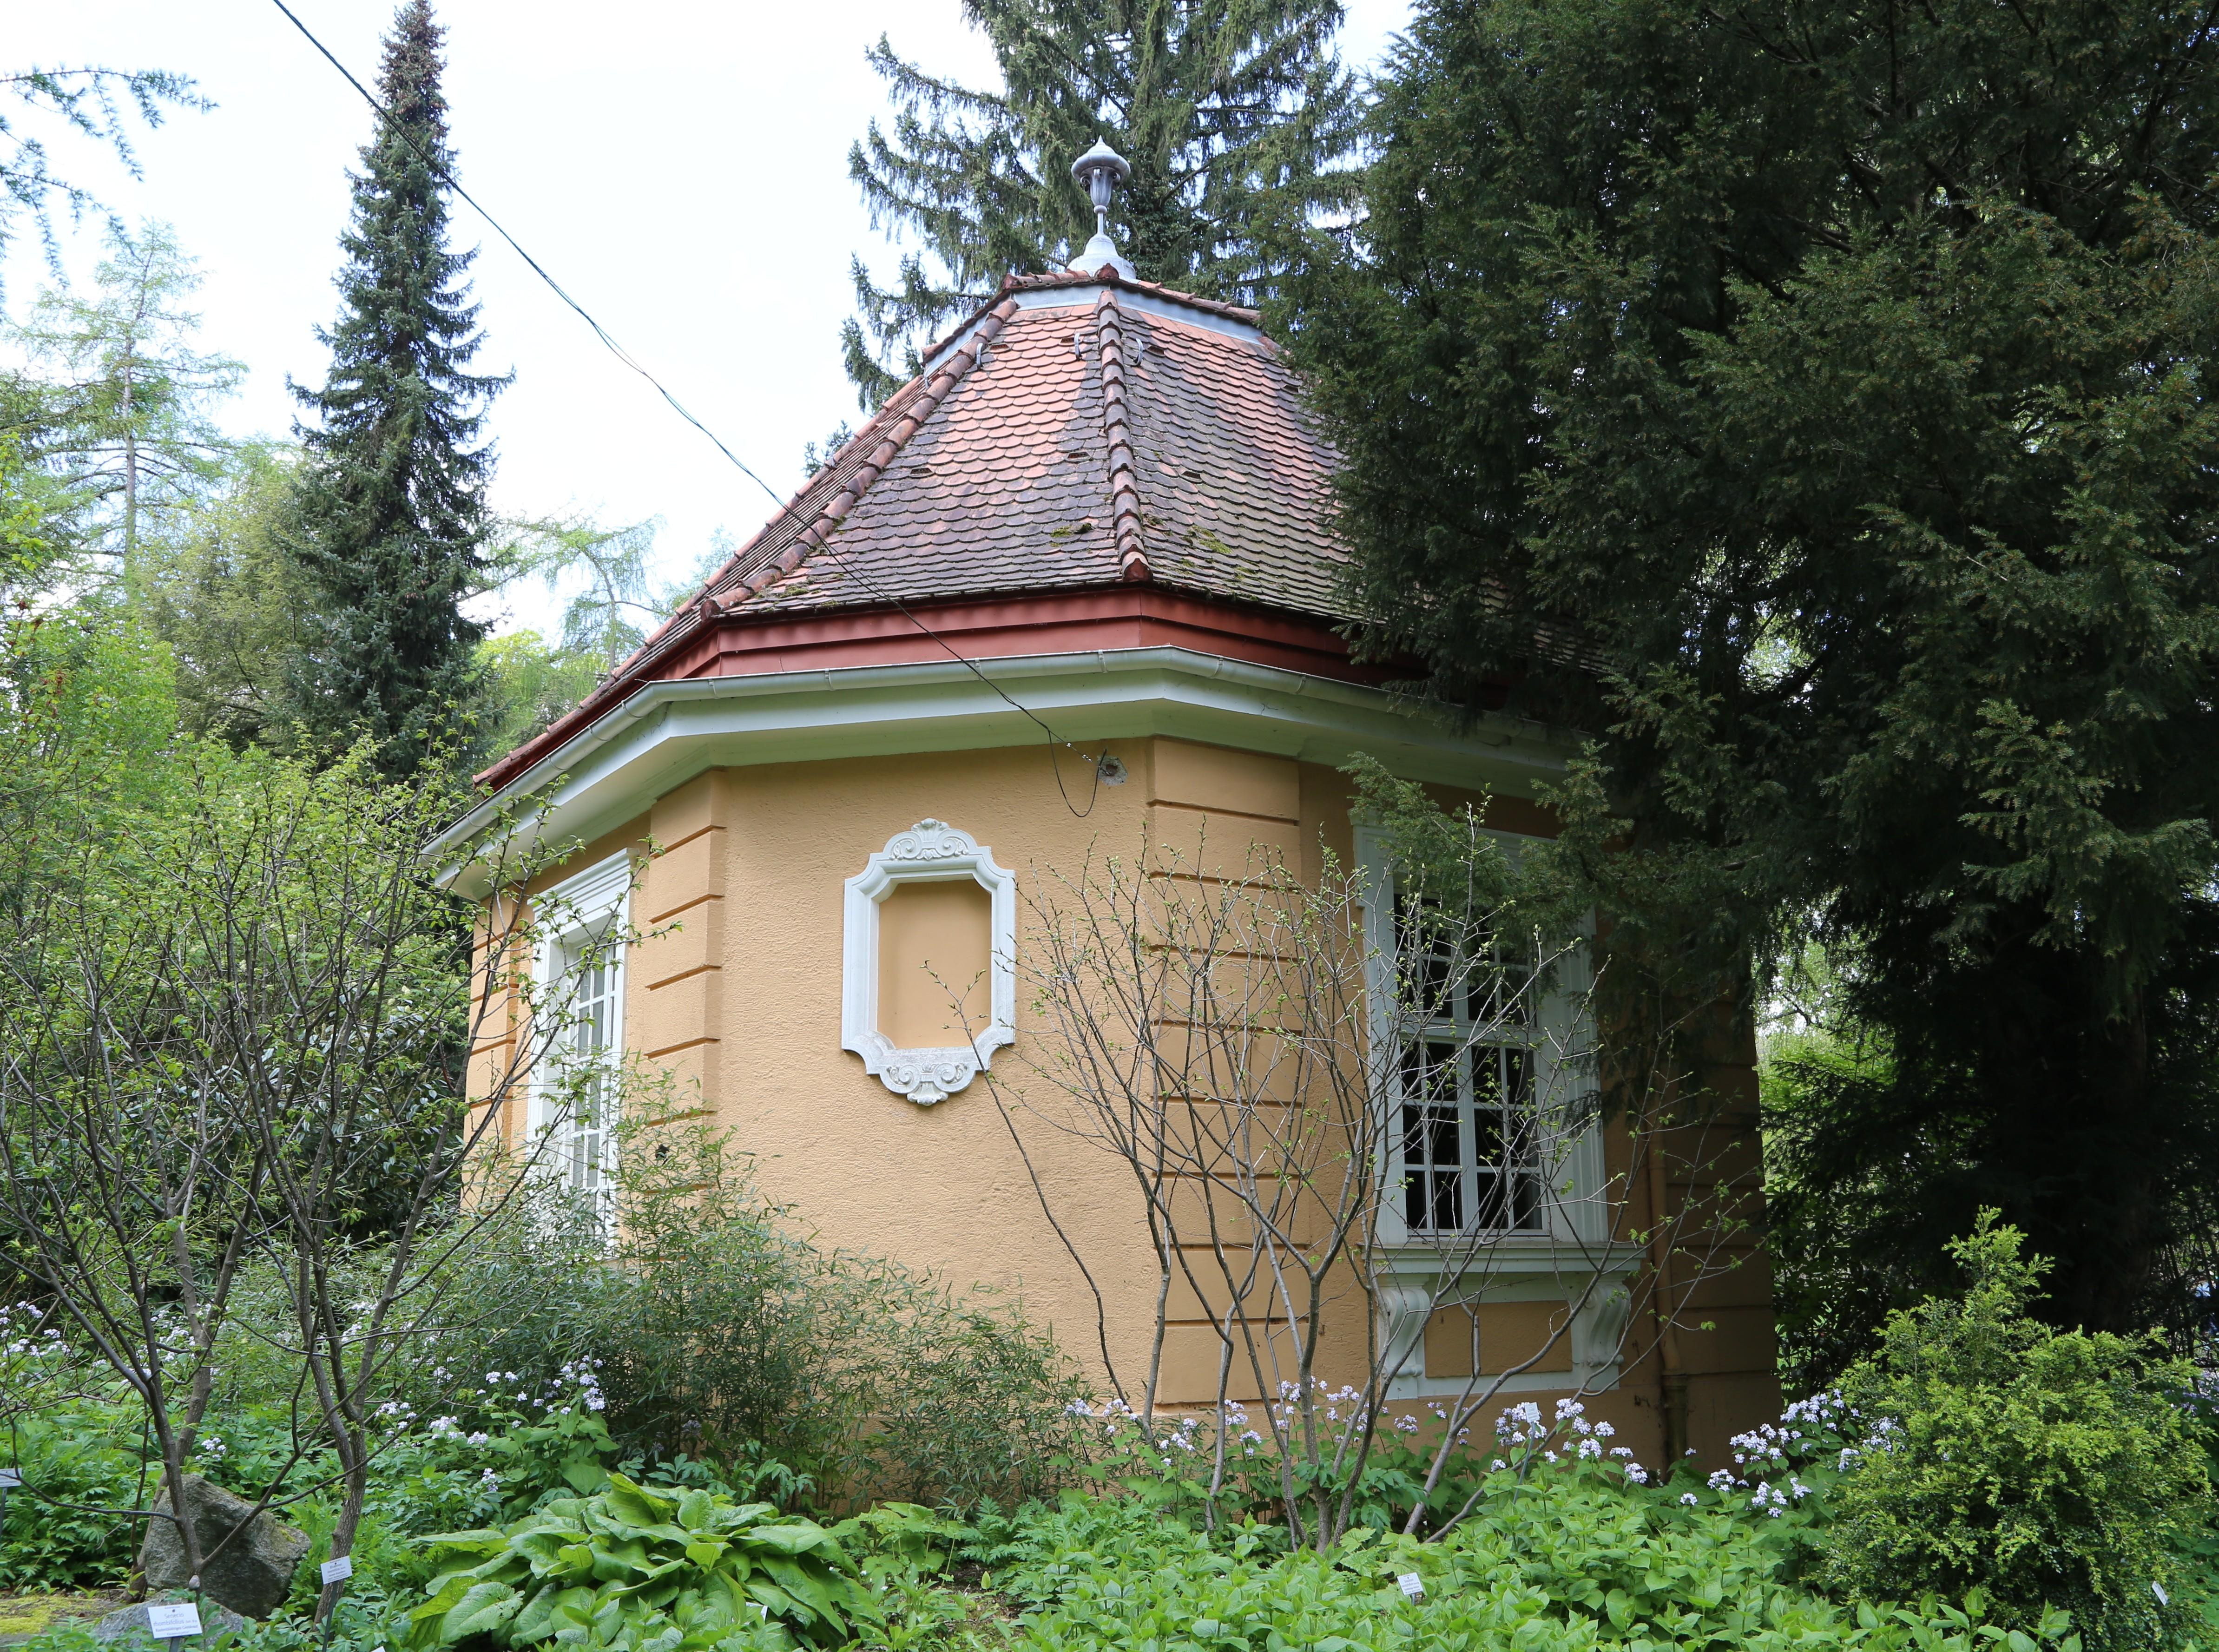 Filepumpenhaus Botanischer Garten Muenchen 1jpg Wikimedia Commons